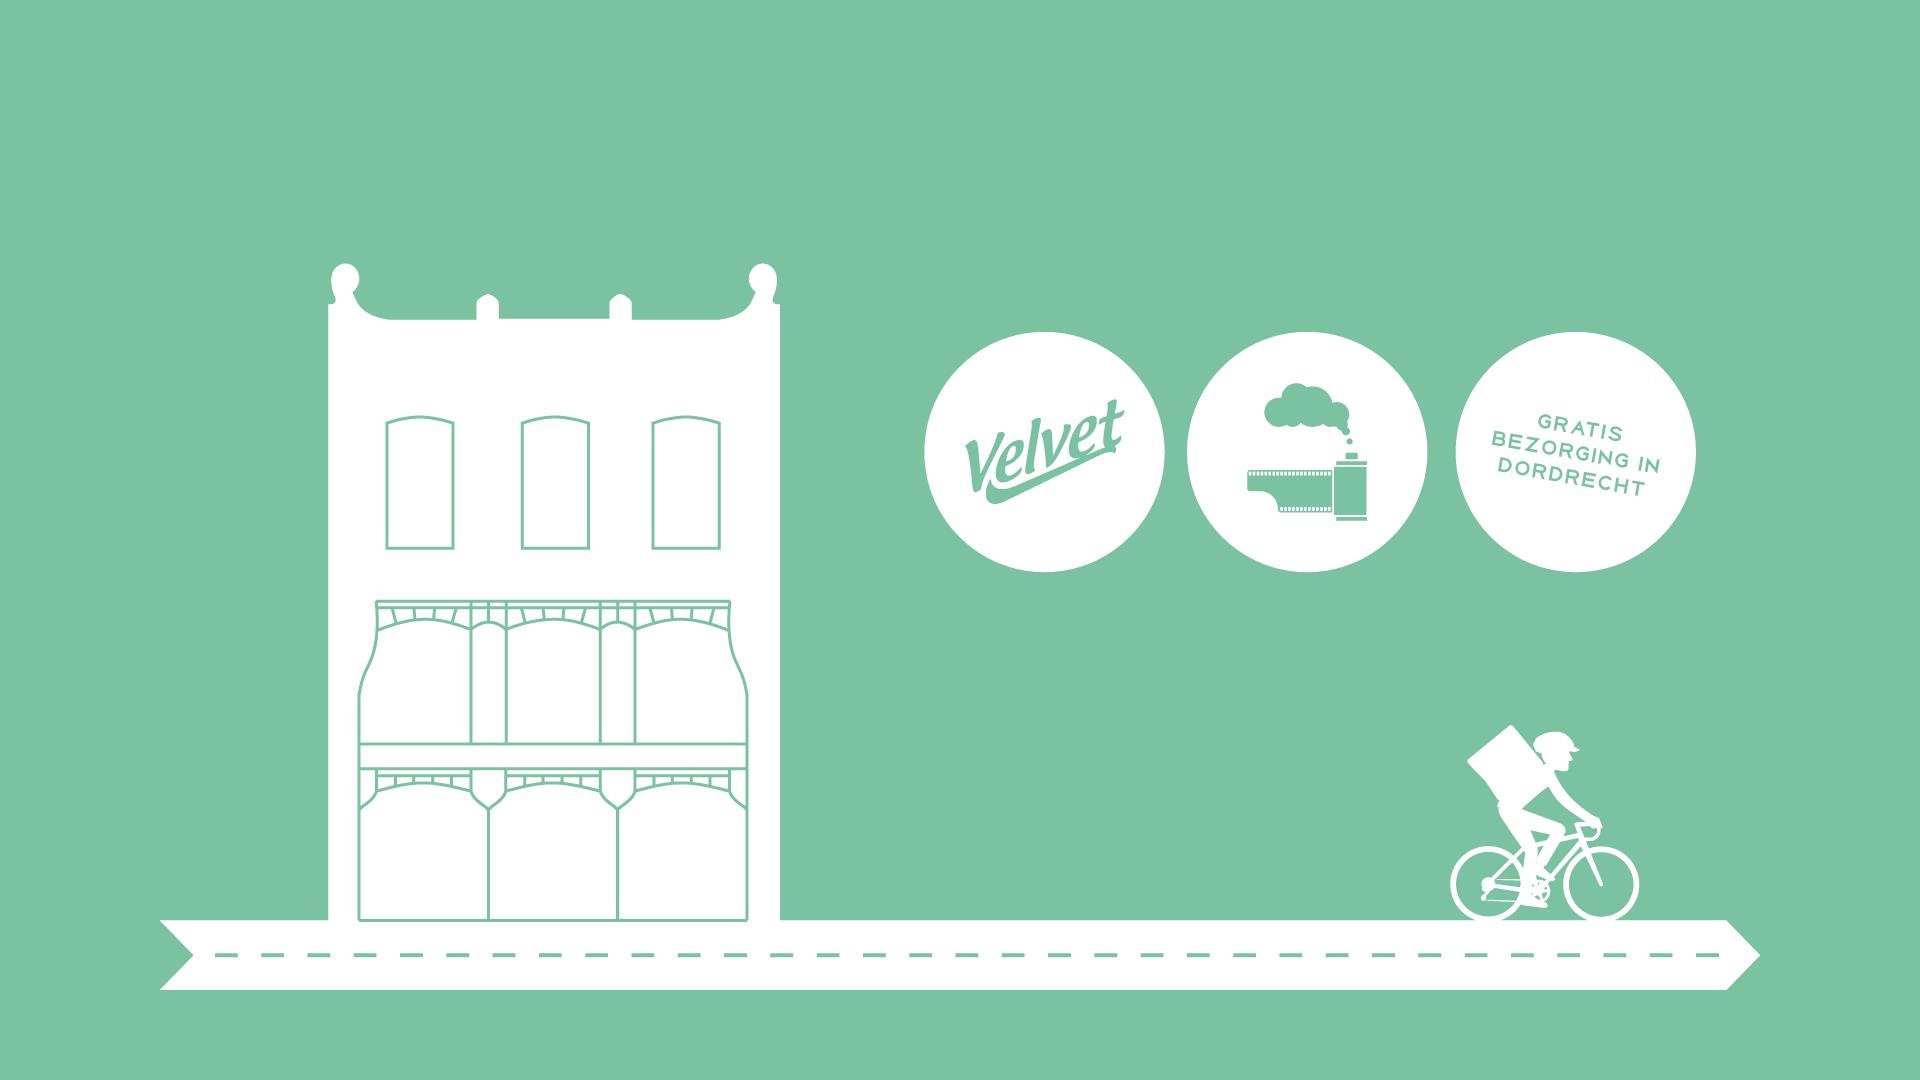 Velvet en FotoFilmFabriek bezorgen gratis in Dordrecht | Het Magazijn